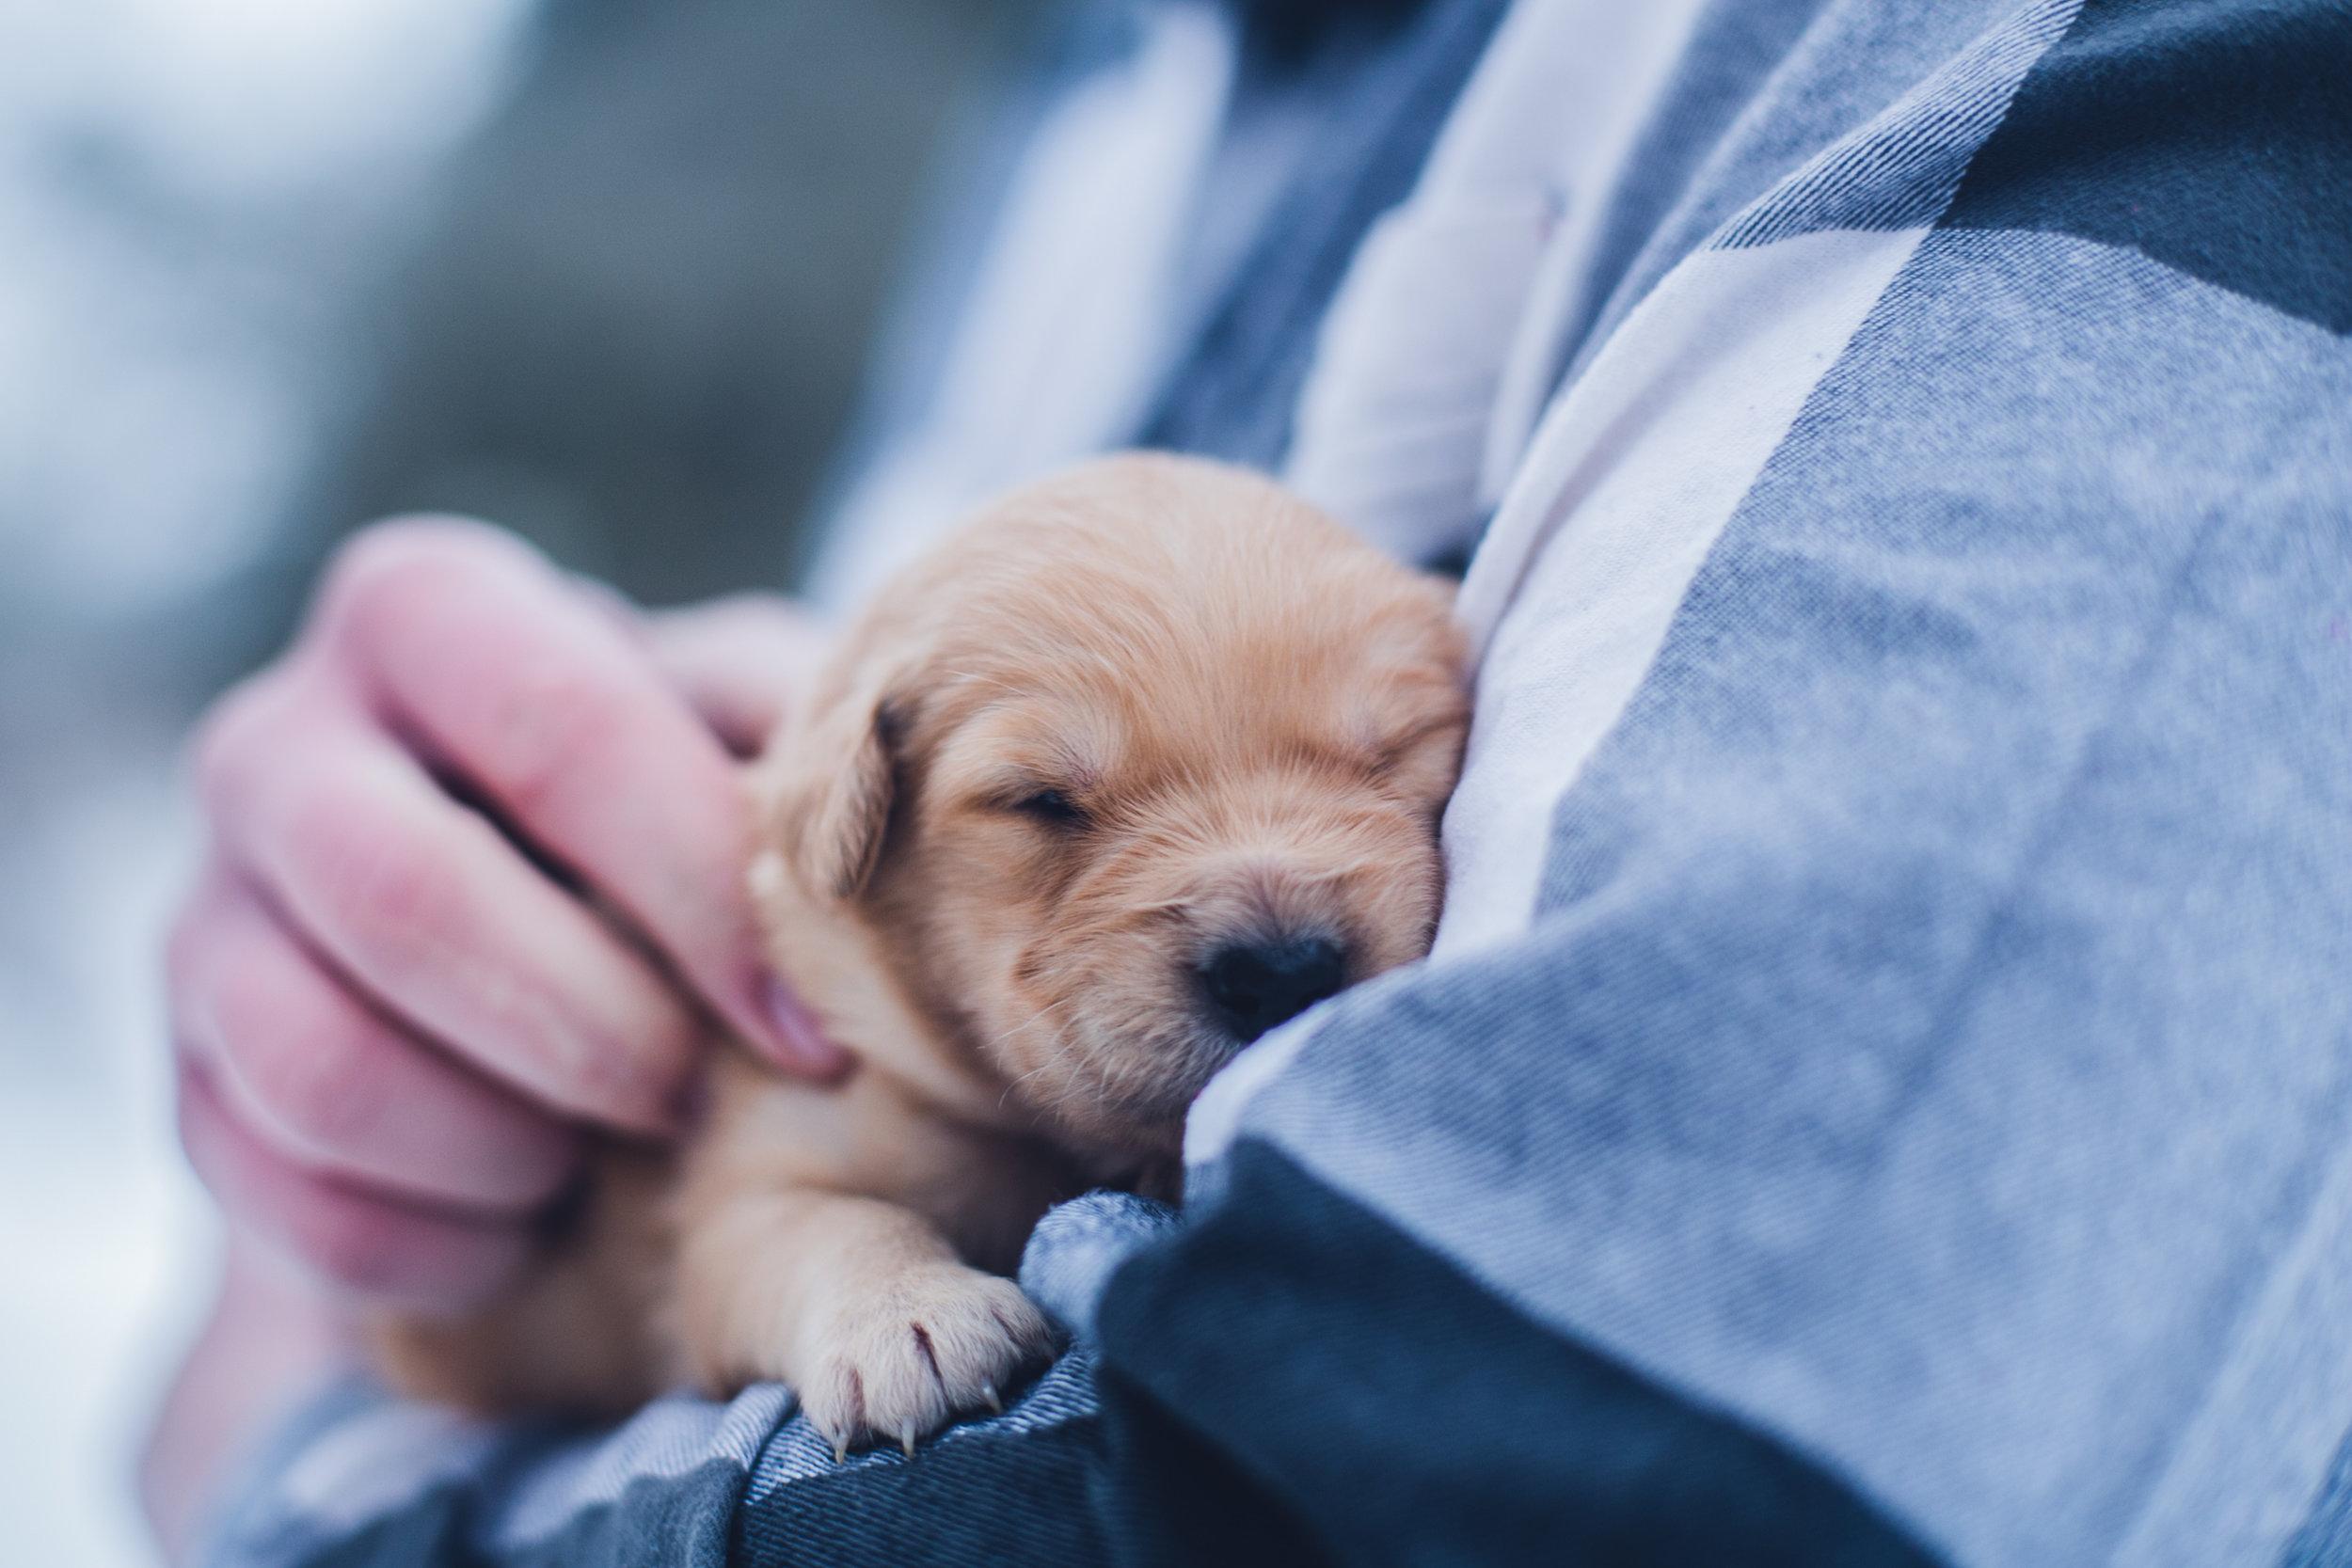 volunteer animal shelter puppy